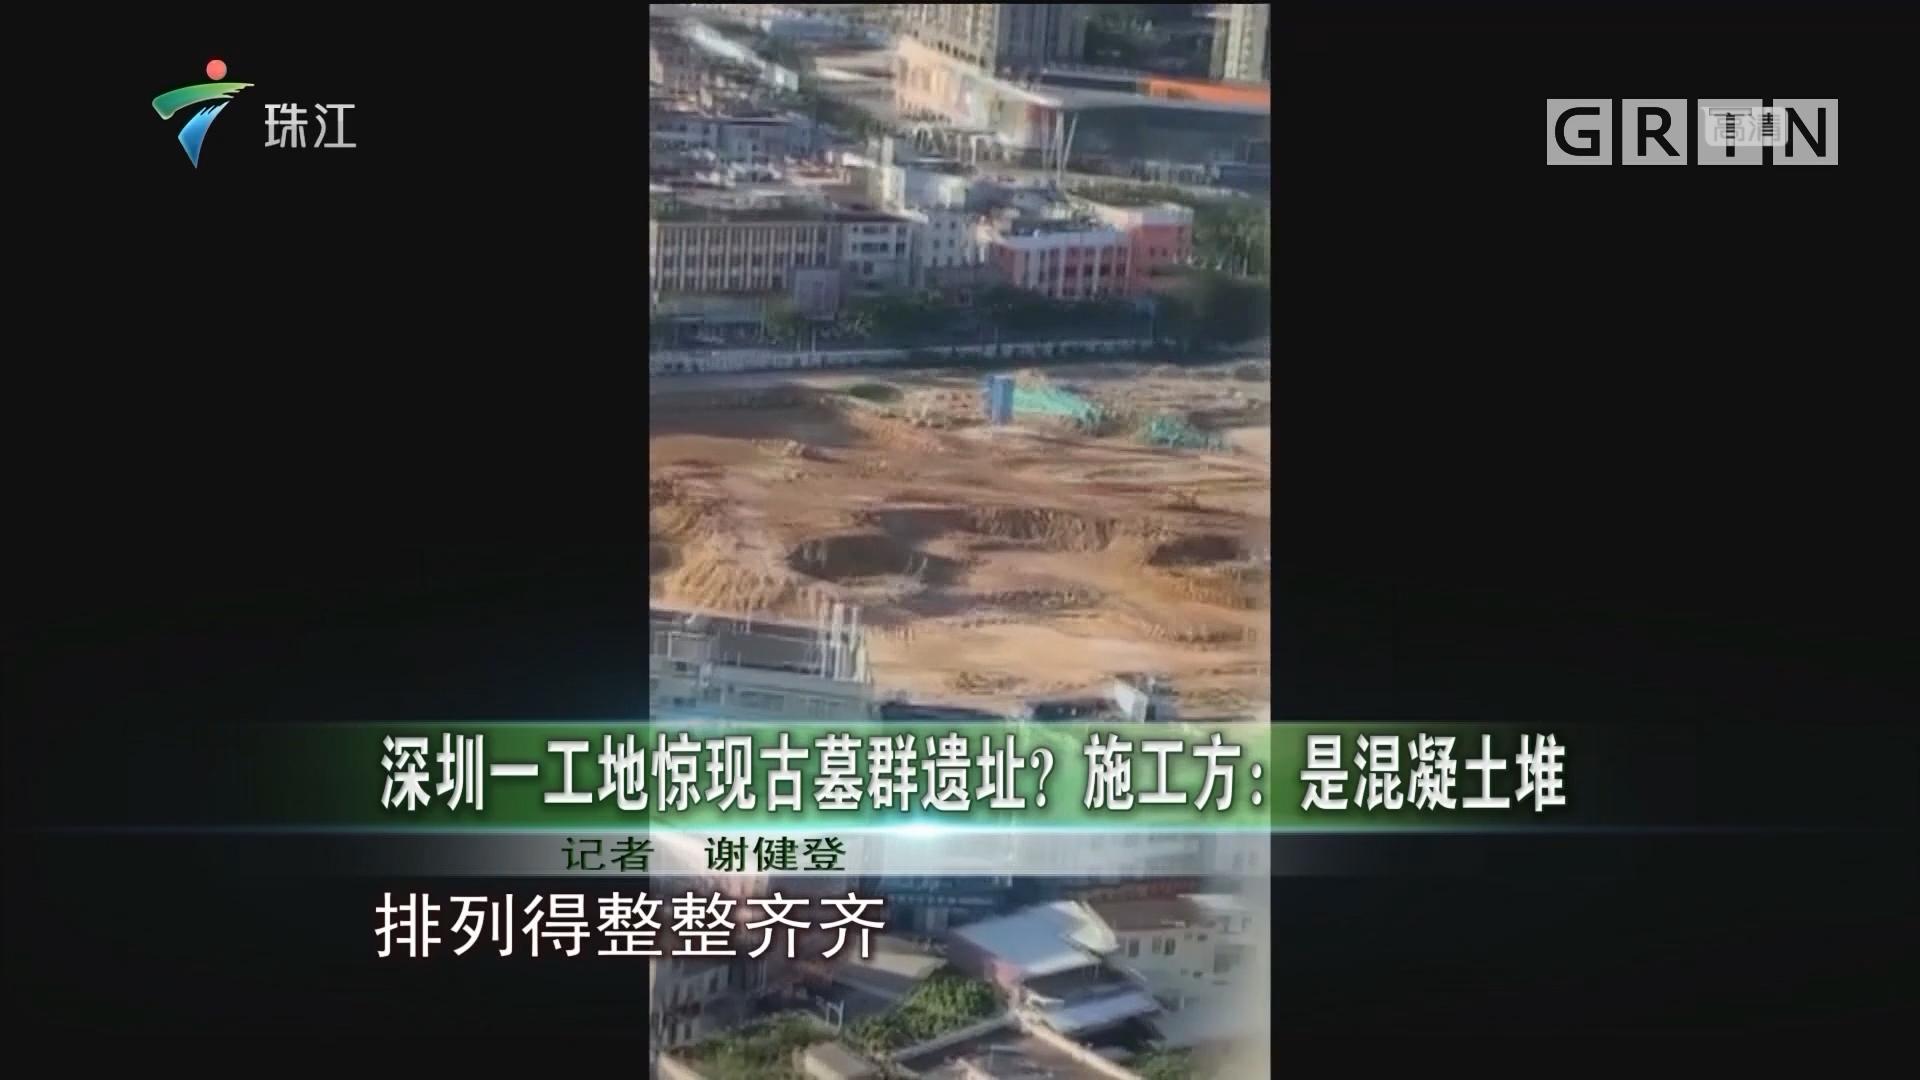 深圳一工地惊现古墓群遗址?施工方:是混凝土堆